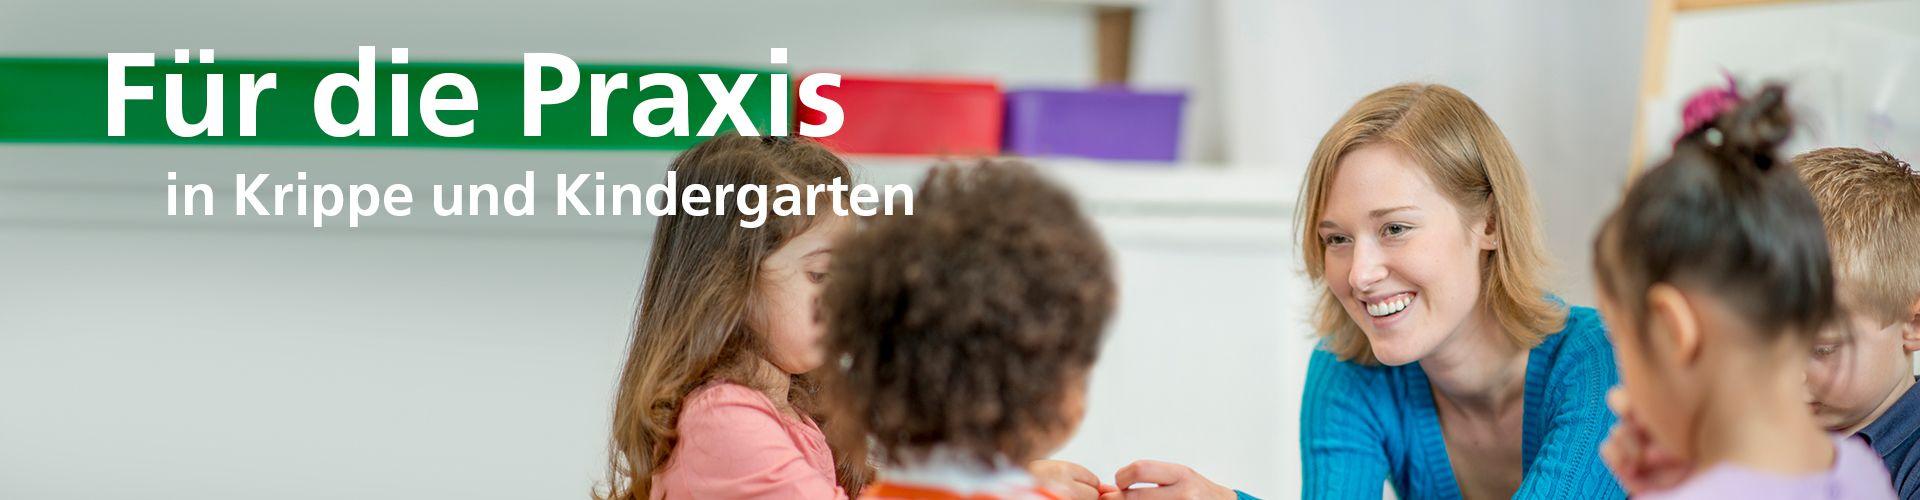 Materialien für den Kindergarten | Hase und Igel Verlag